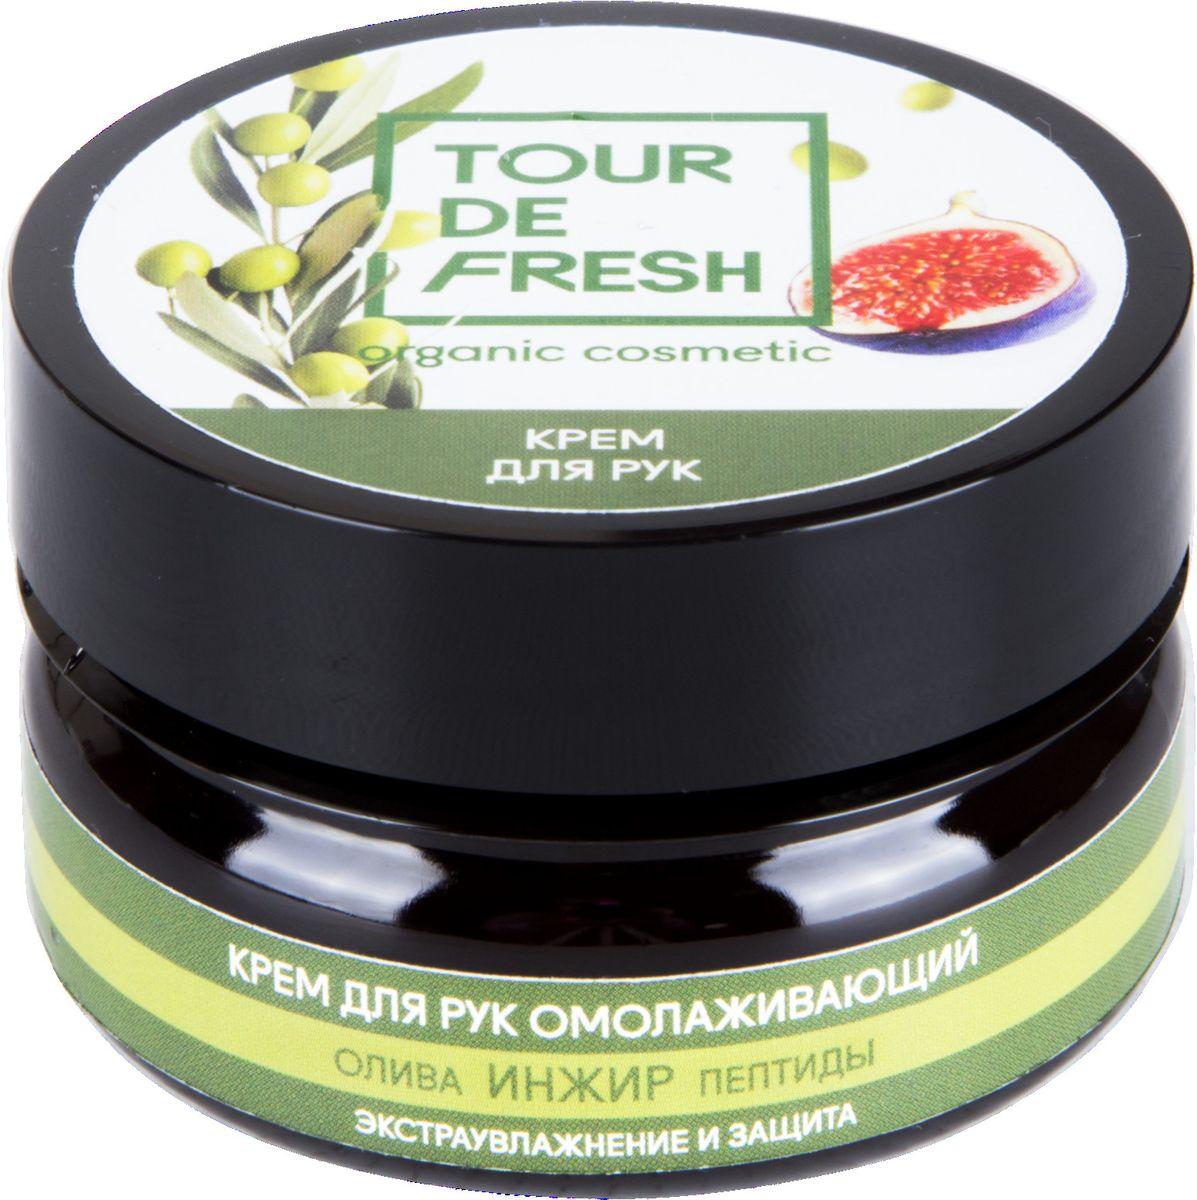 Tour De Fresh Омолаживающий крем для рук Олива, инжир и пептиды, 60 млУФ000000337Крем для рук Олива-инжир-пептиды деликатно ухаживает за кожей, быстро впитывается и не оставляет жирных следов. В состав входит оливковое масло, питающее кожу и уменьшающее глубину морщин. Экстракт инжира - мощное лифтинг-средство, которое тонизирует кожу и обладает интенсивным омолаживающим действием. Пептиды ржи замедляют разрушение коллагеновых волокон и способствуют обновлению клеток.